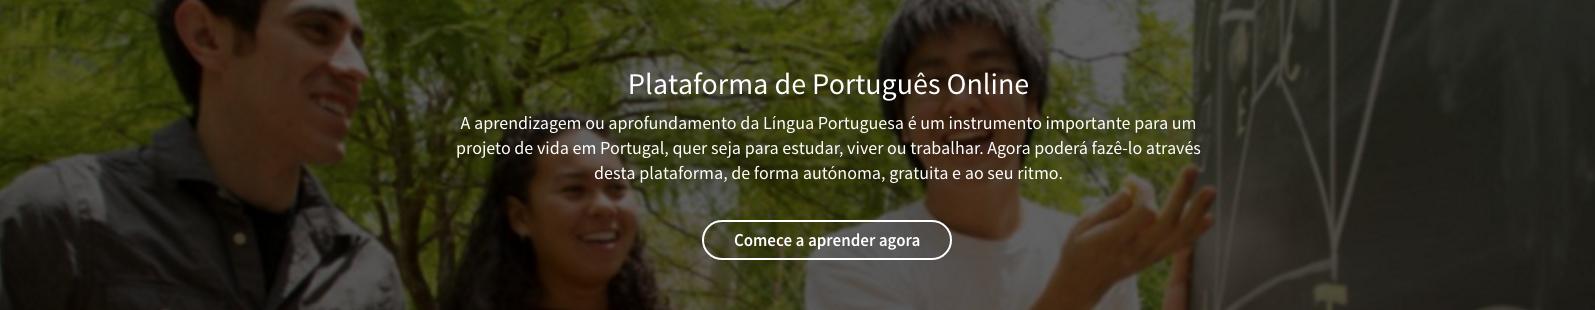 Plataforma do Português (2)